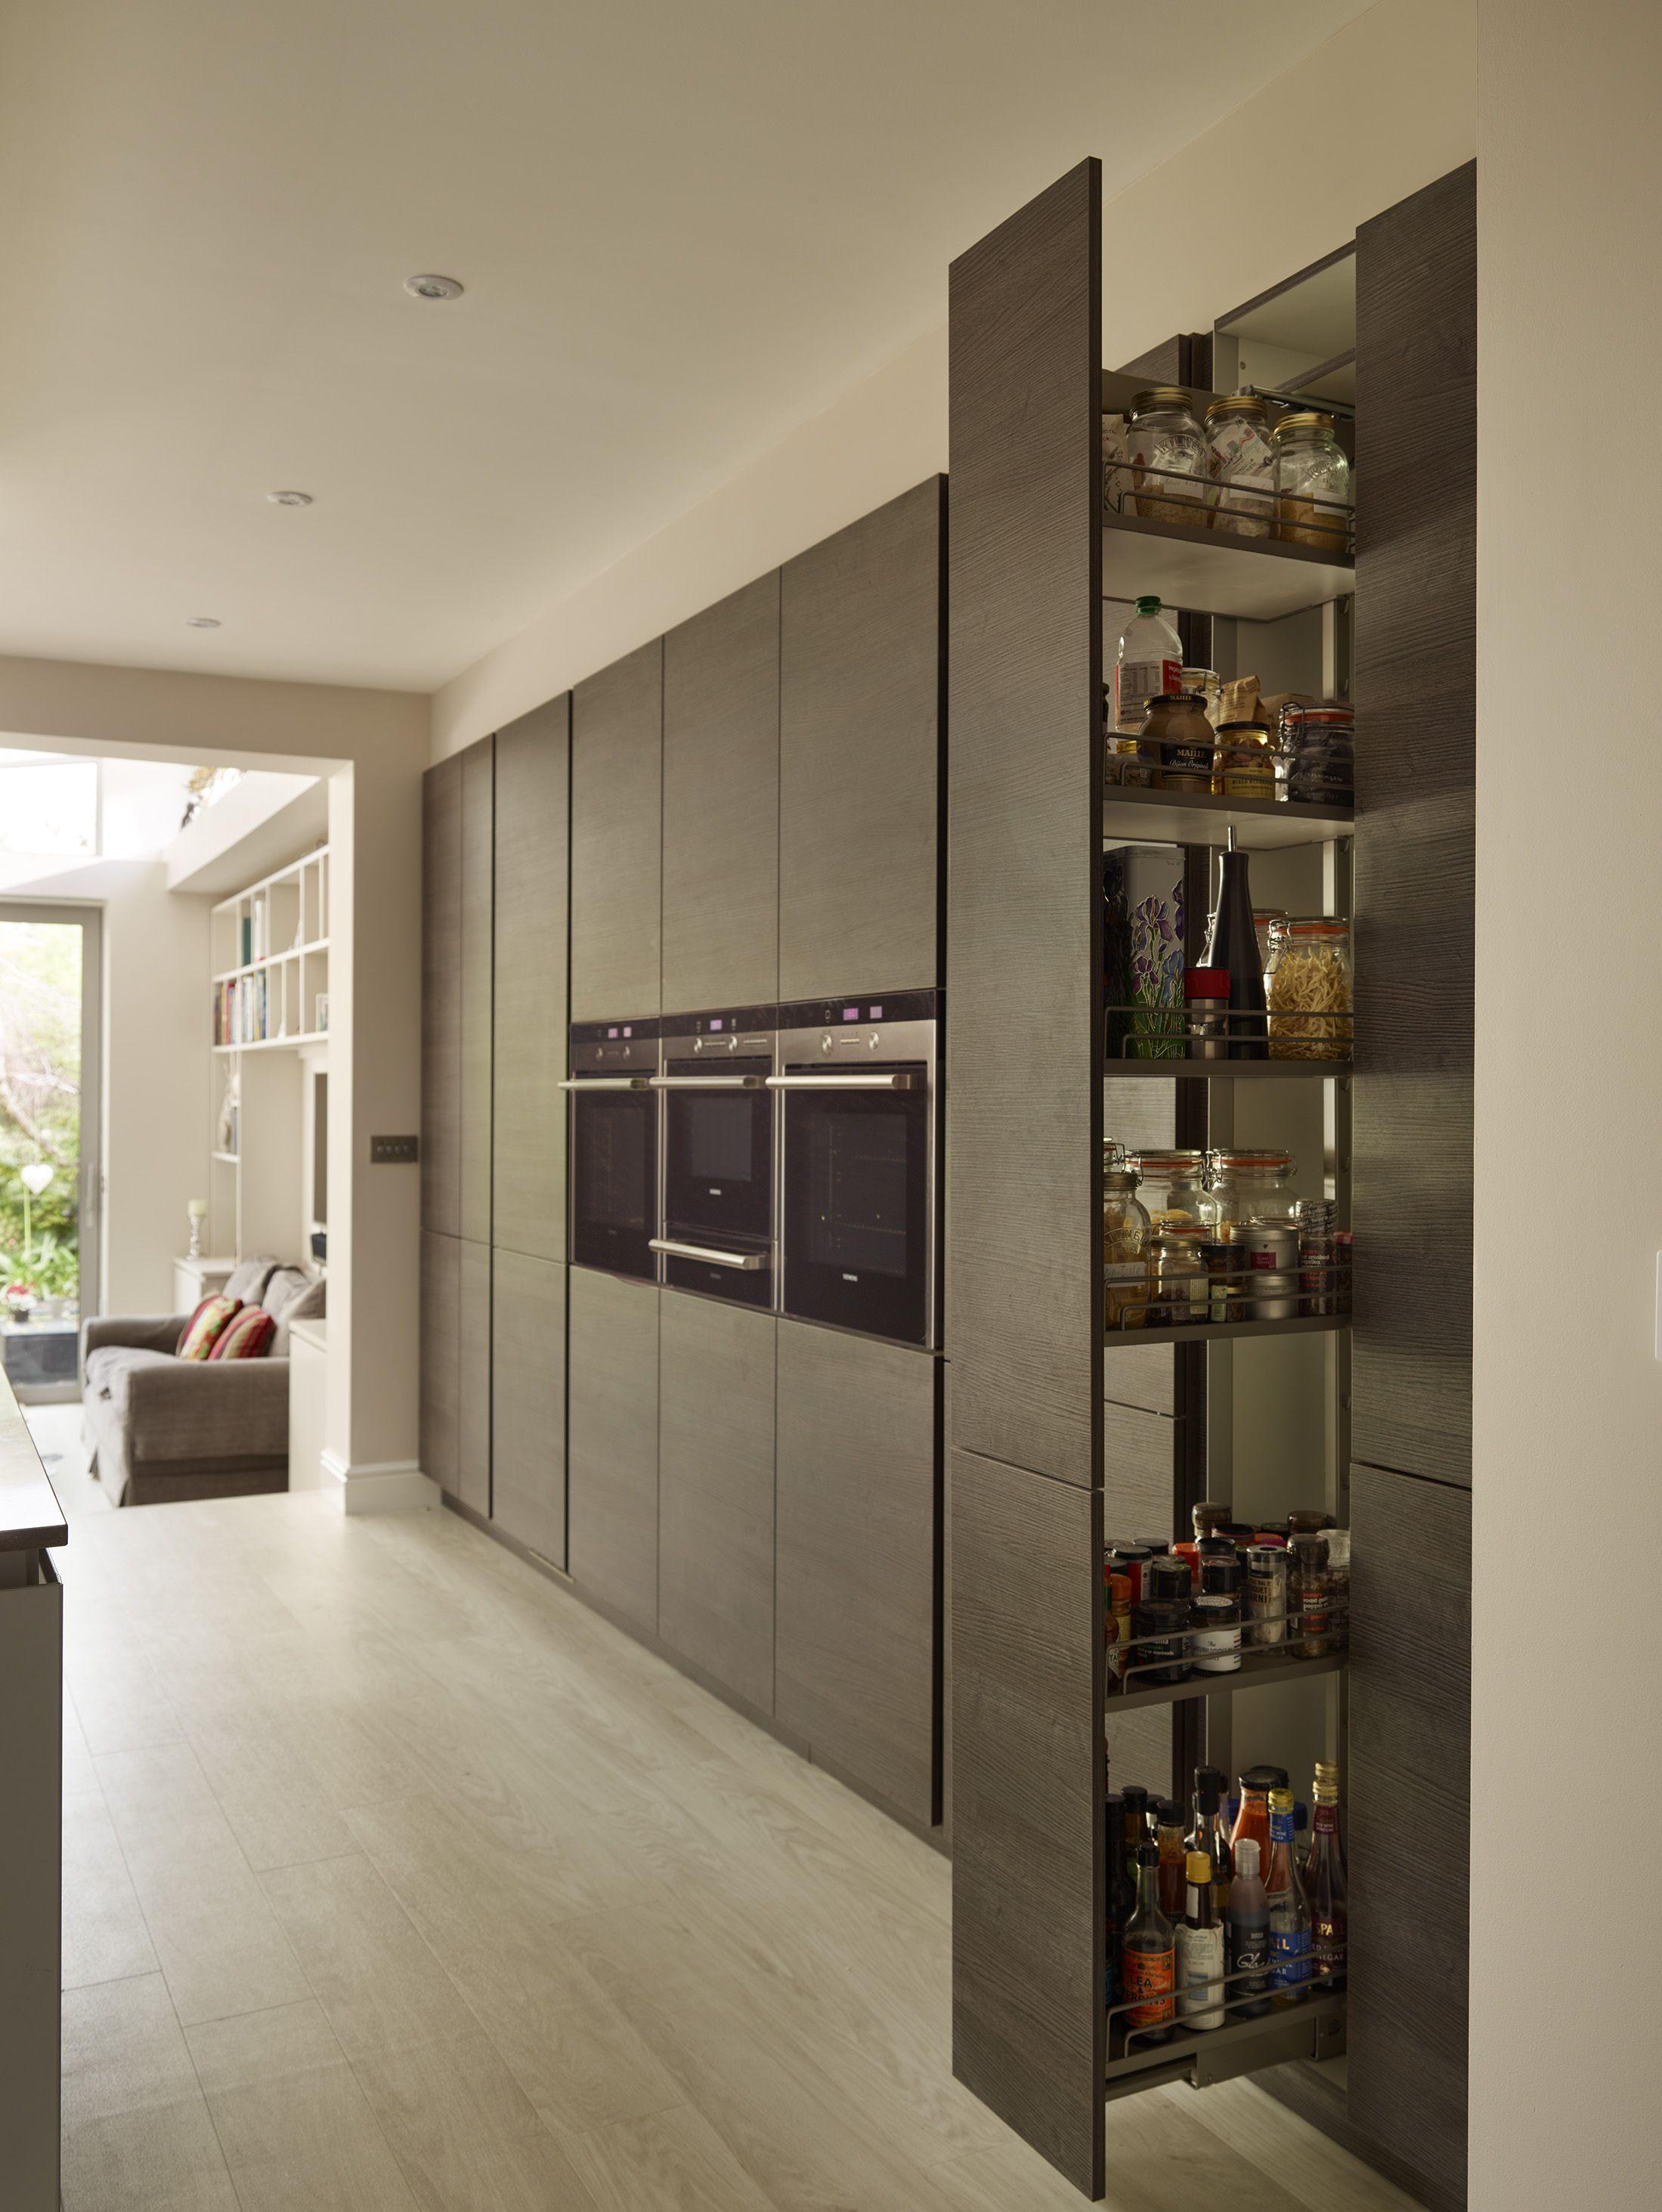 die besten 25 k chenkosten ideen auf pinterest einrichtung von k chenger ten heimwerken. Black Bedroom Furniture Sets. Home Design Ideas